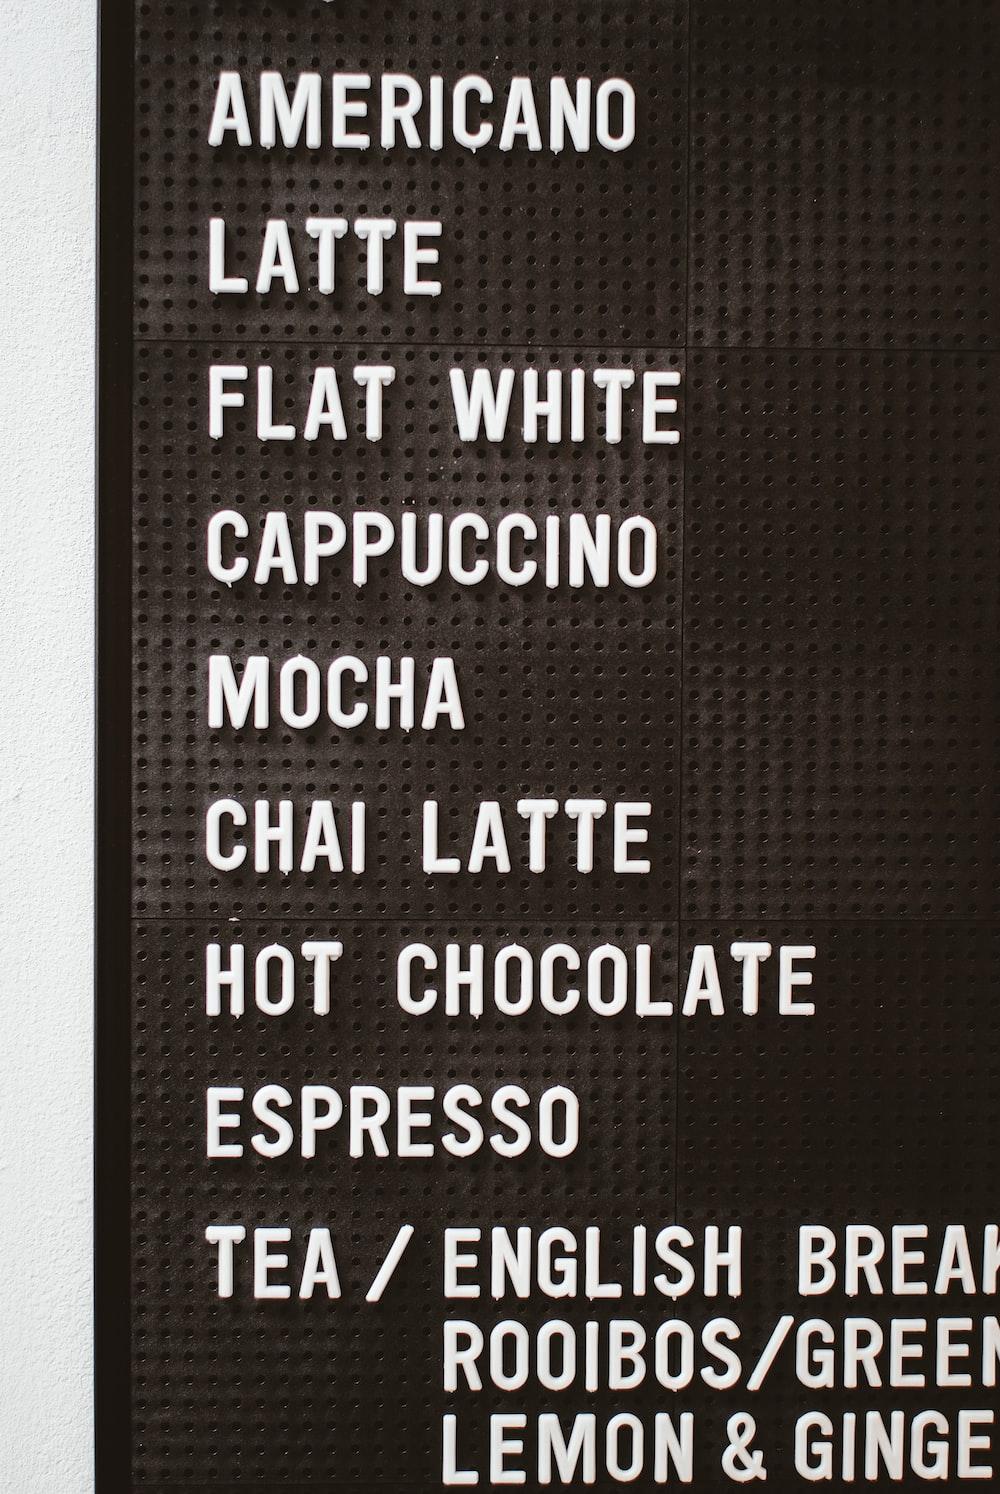 Americano latte flat shite cappuccino mocha Chai latte hot chocolate and espresso